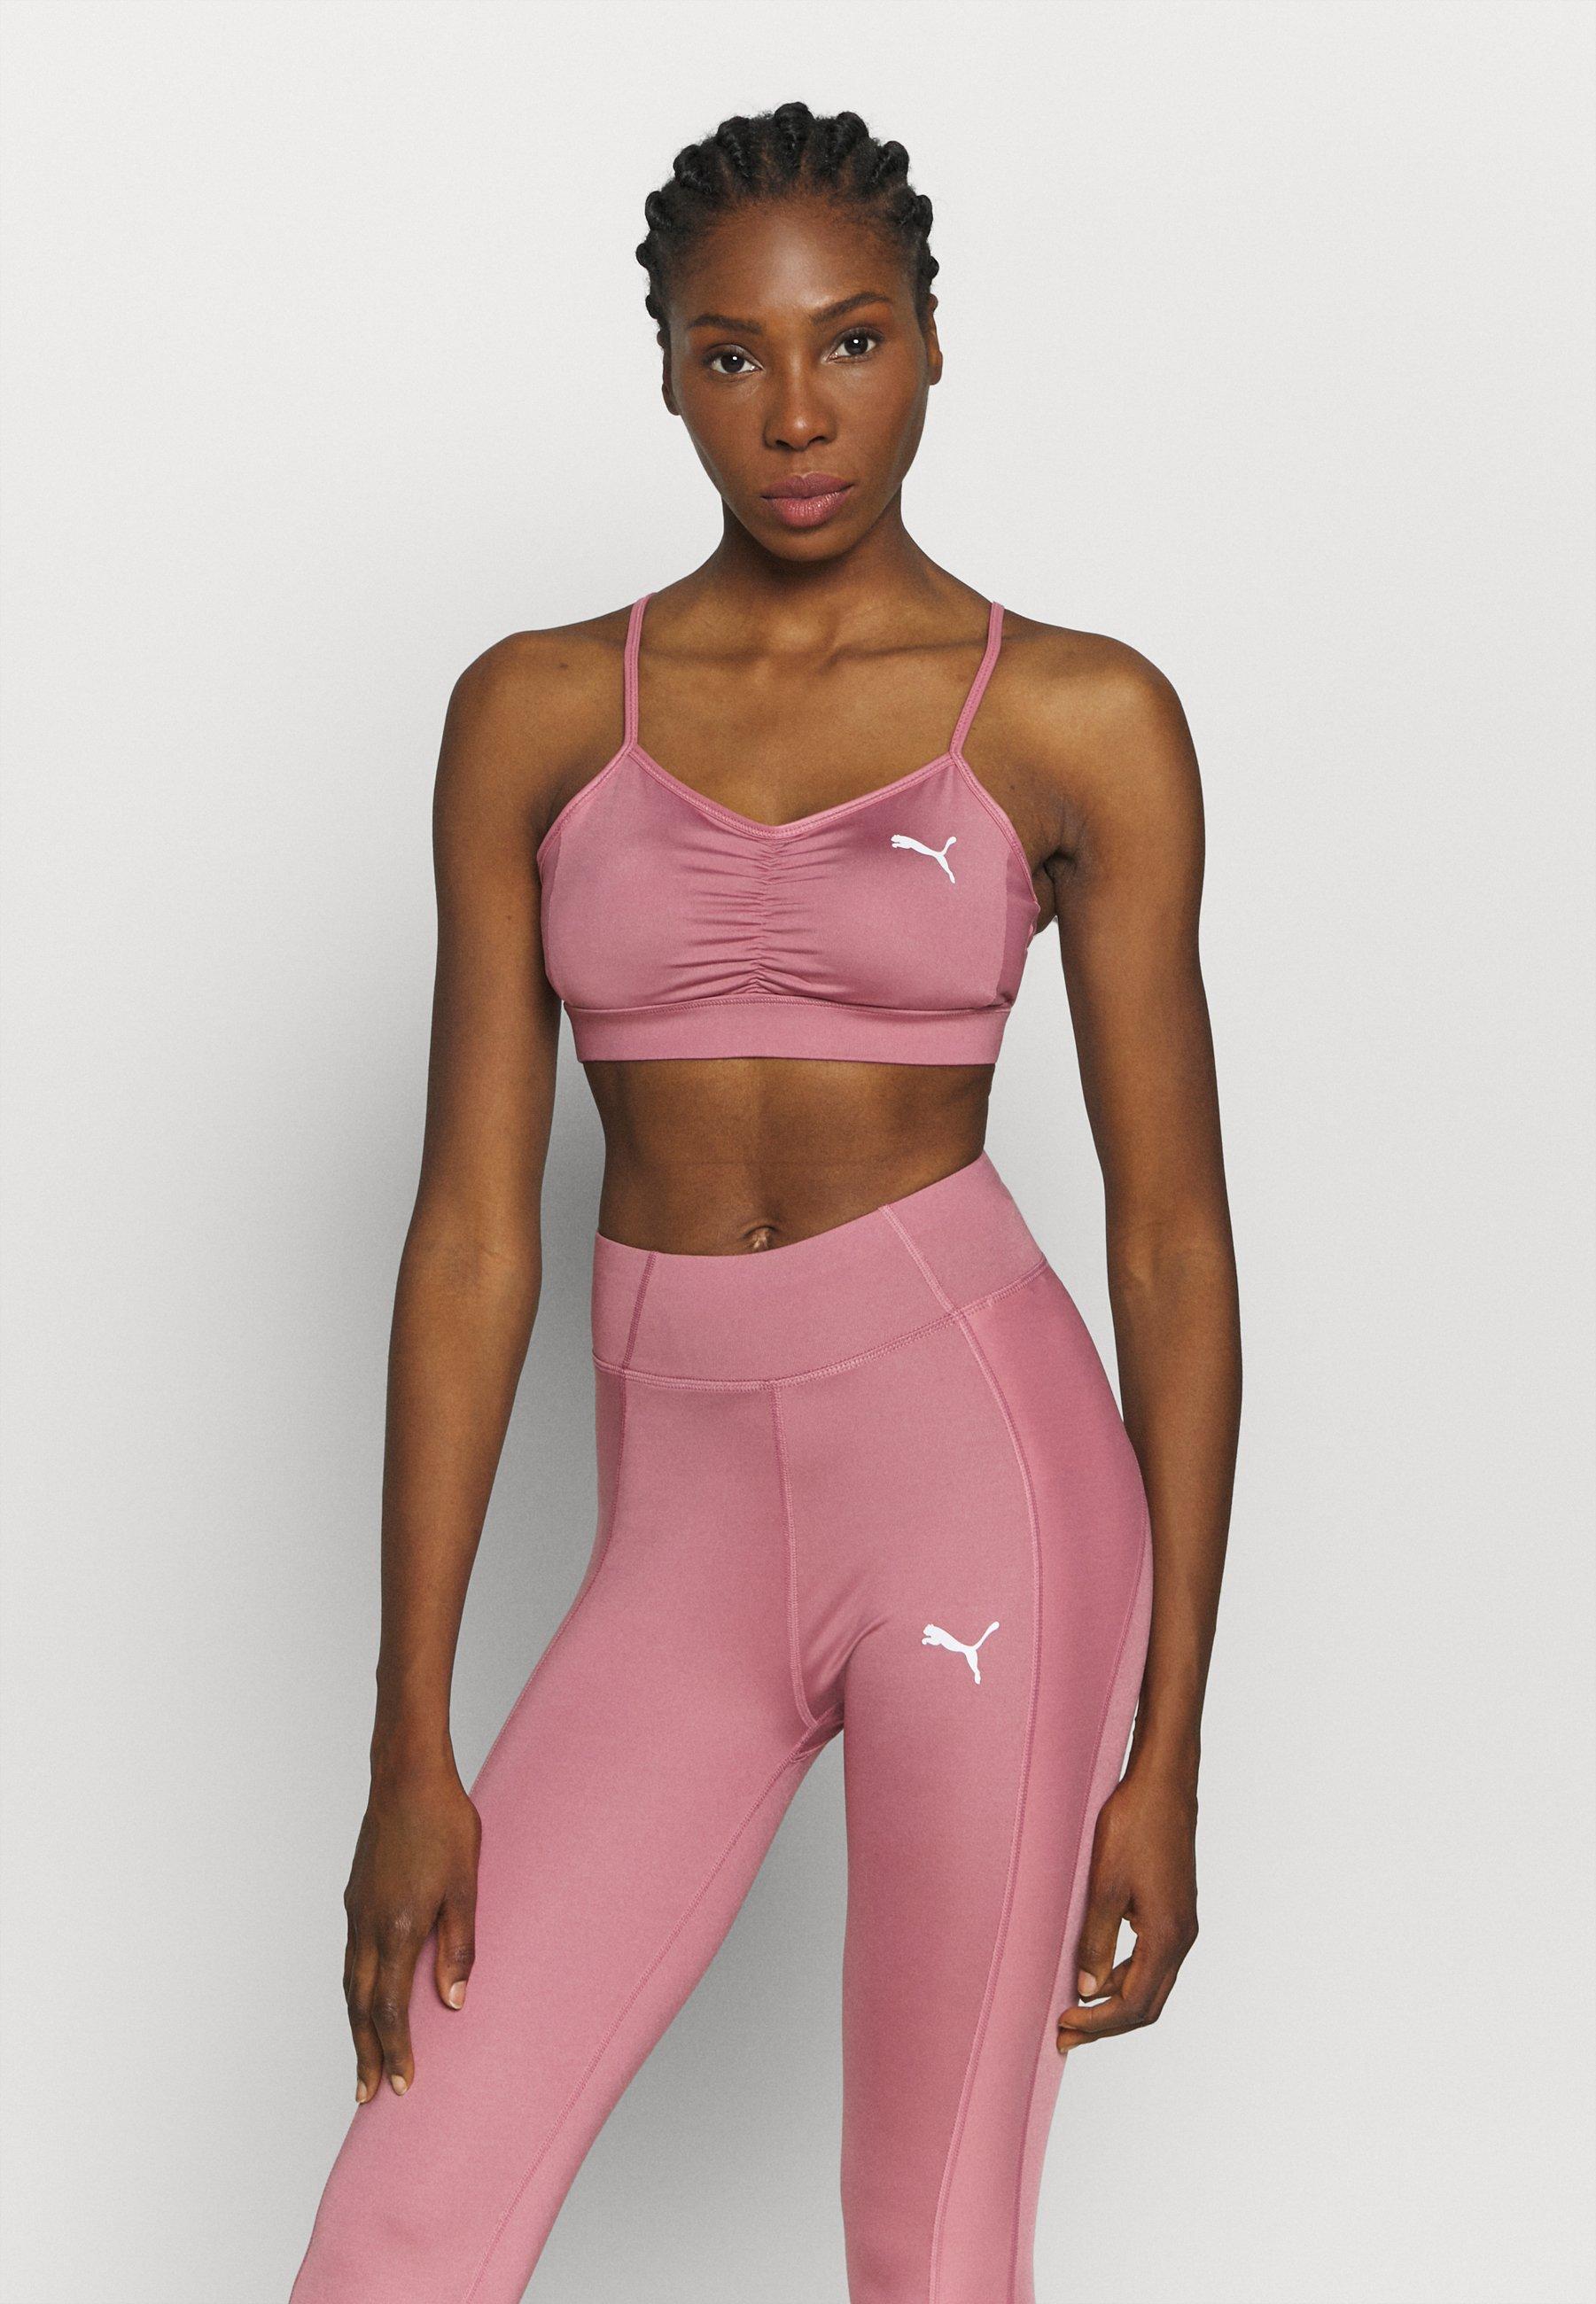 Women PAMELA REIF X PUMA CALLECTION RUCHING SPORT BRA - Light support sports bra